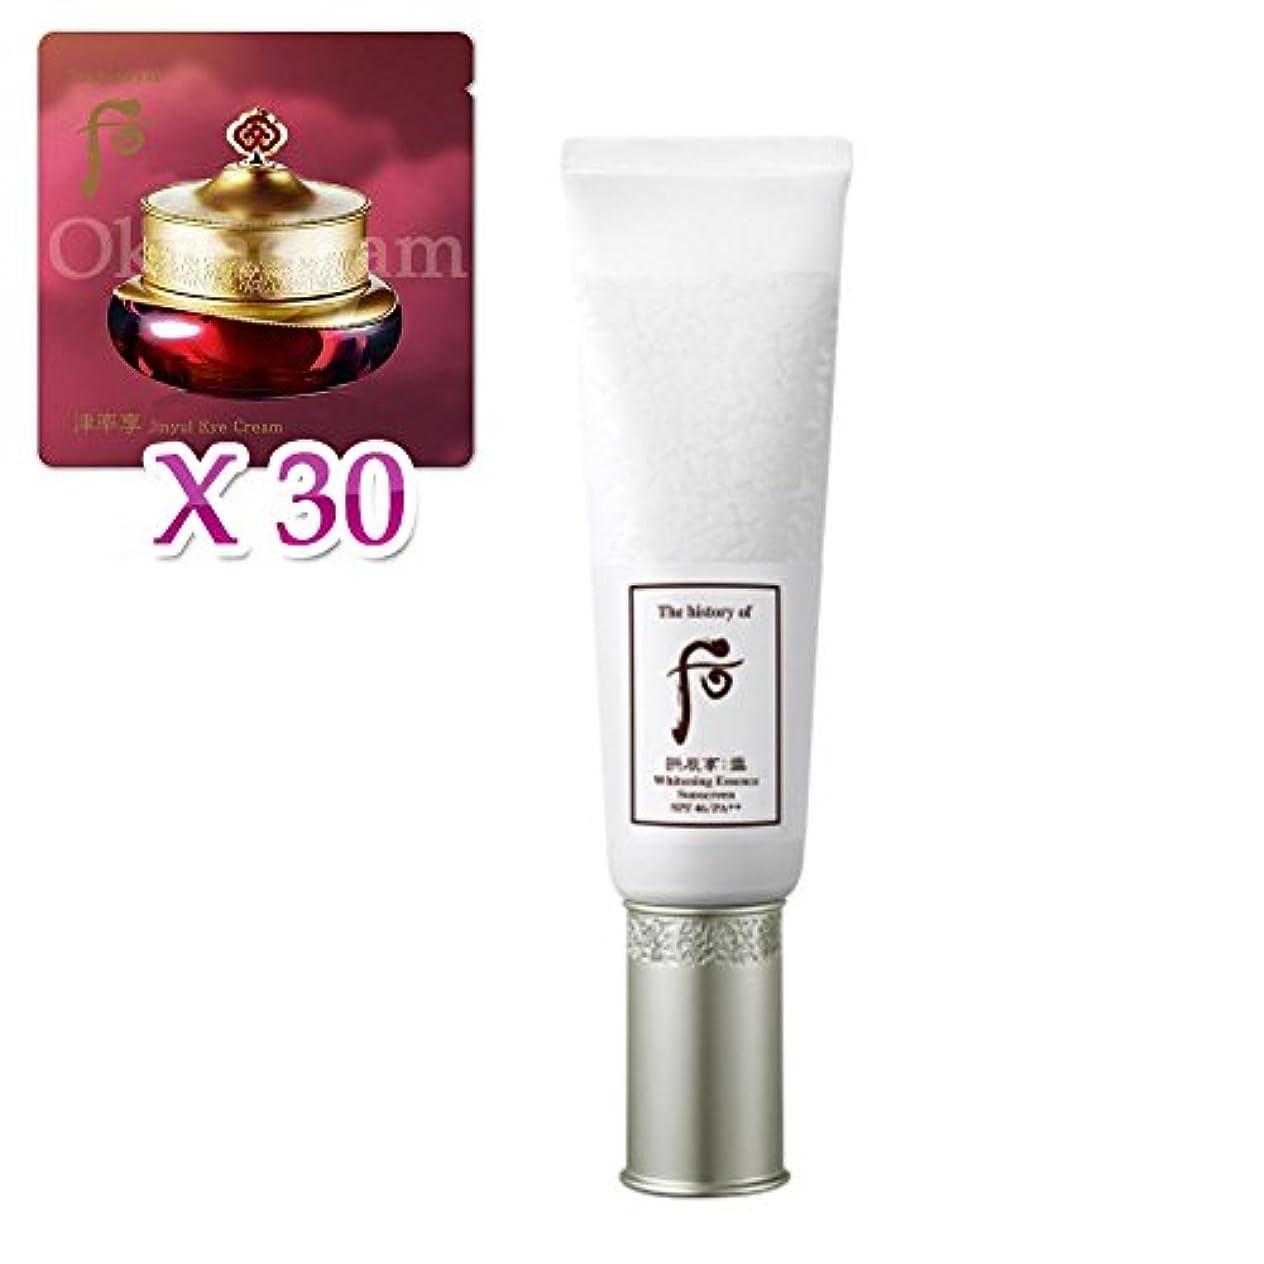 九月歴史第二【フー/ The history of whoo] Whoo 后 KGS09 GONGJIN HYANG SEOL Whitening Essence Sunscreen/ 后(フー) ゴンジンヒャン ソル 美白エッセンス サン 45ml (SPF46/PA++) + [Sample Gift](海外直送品)